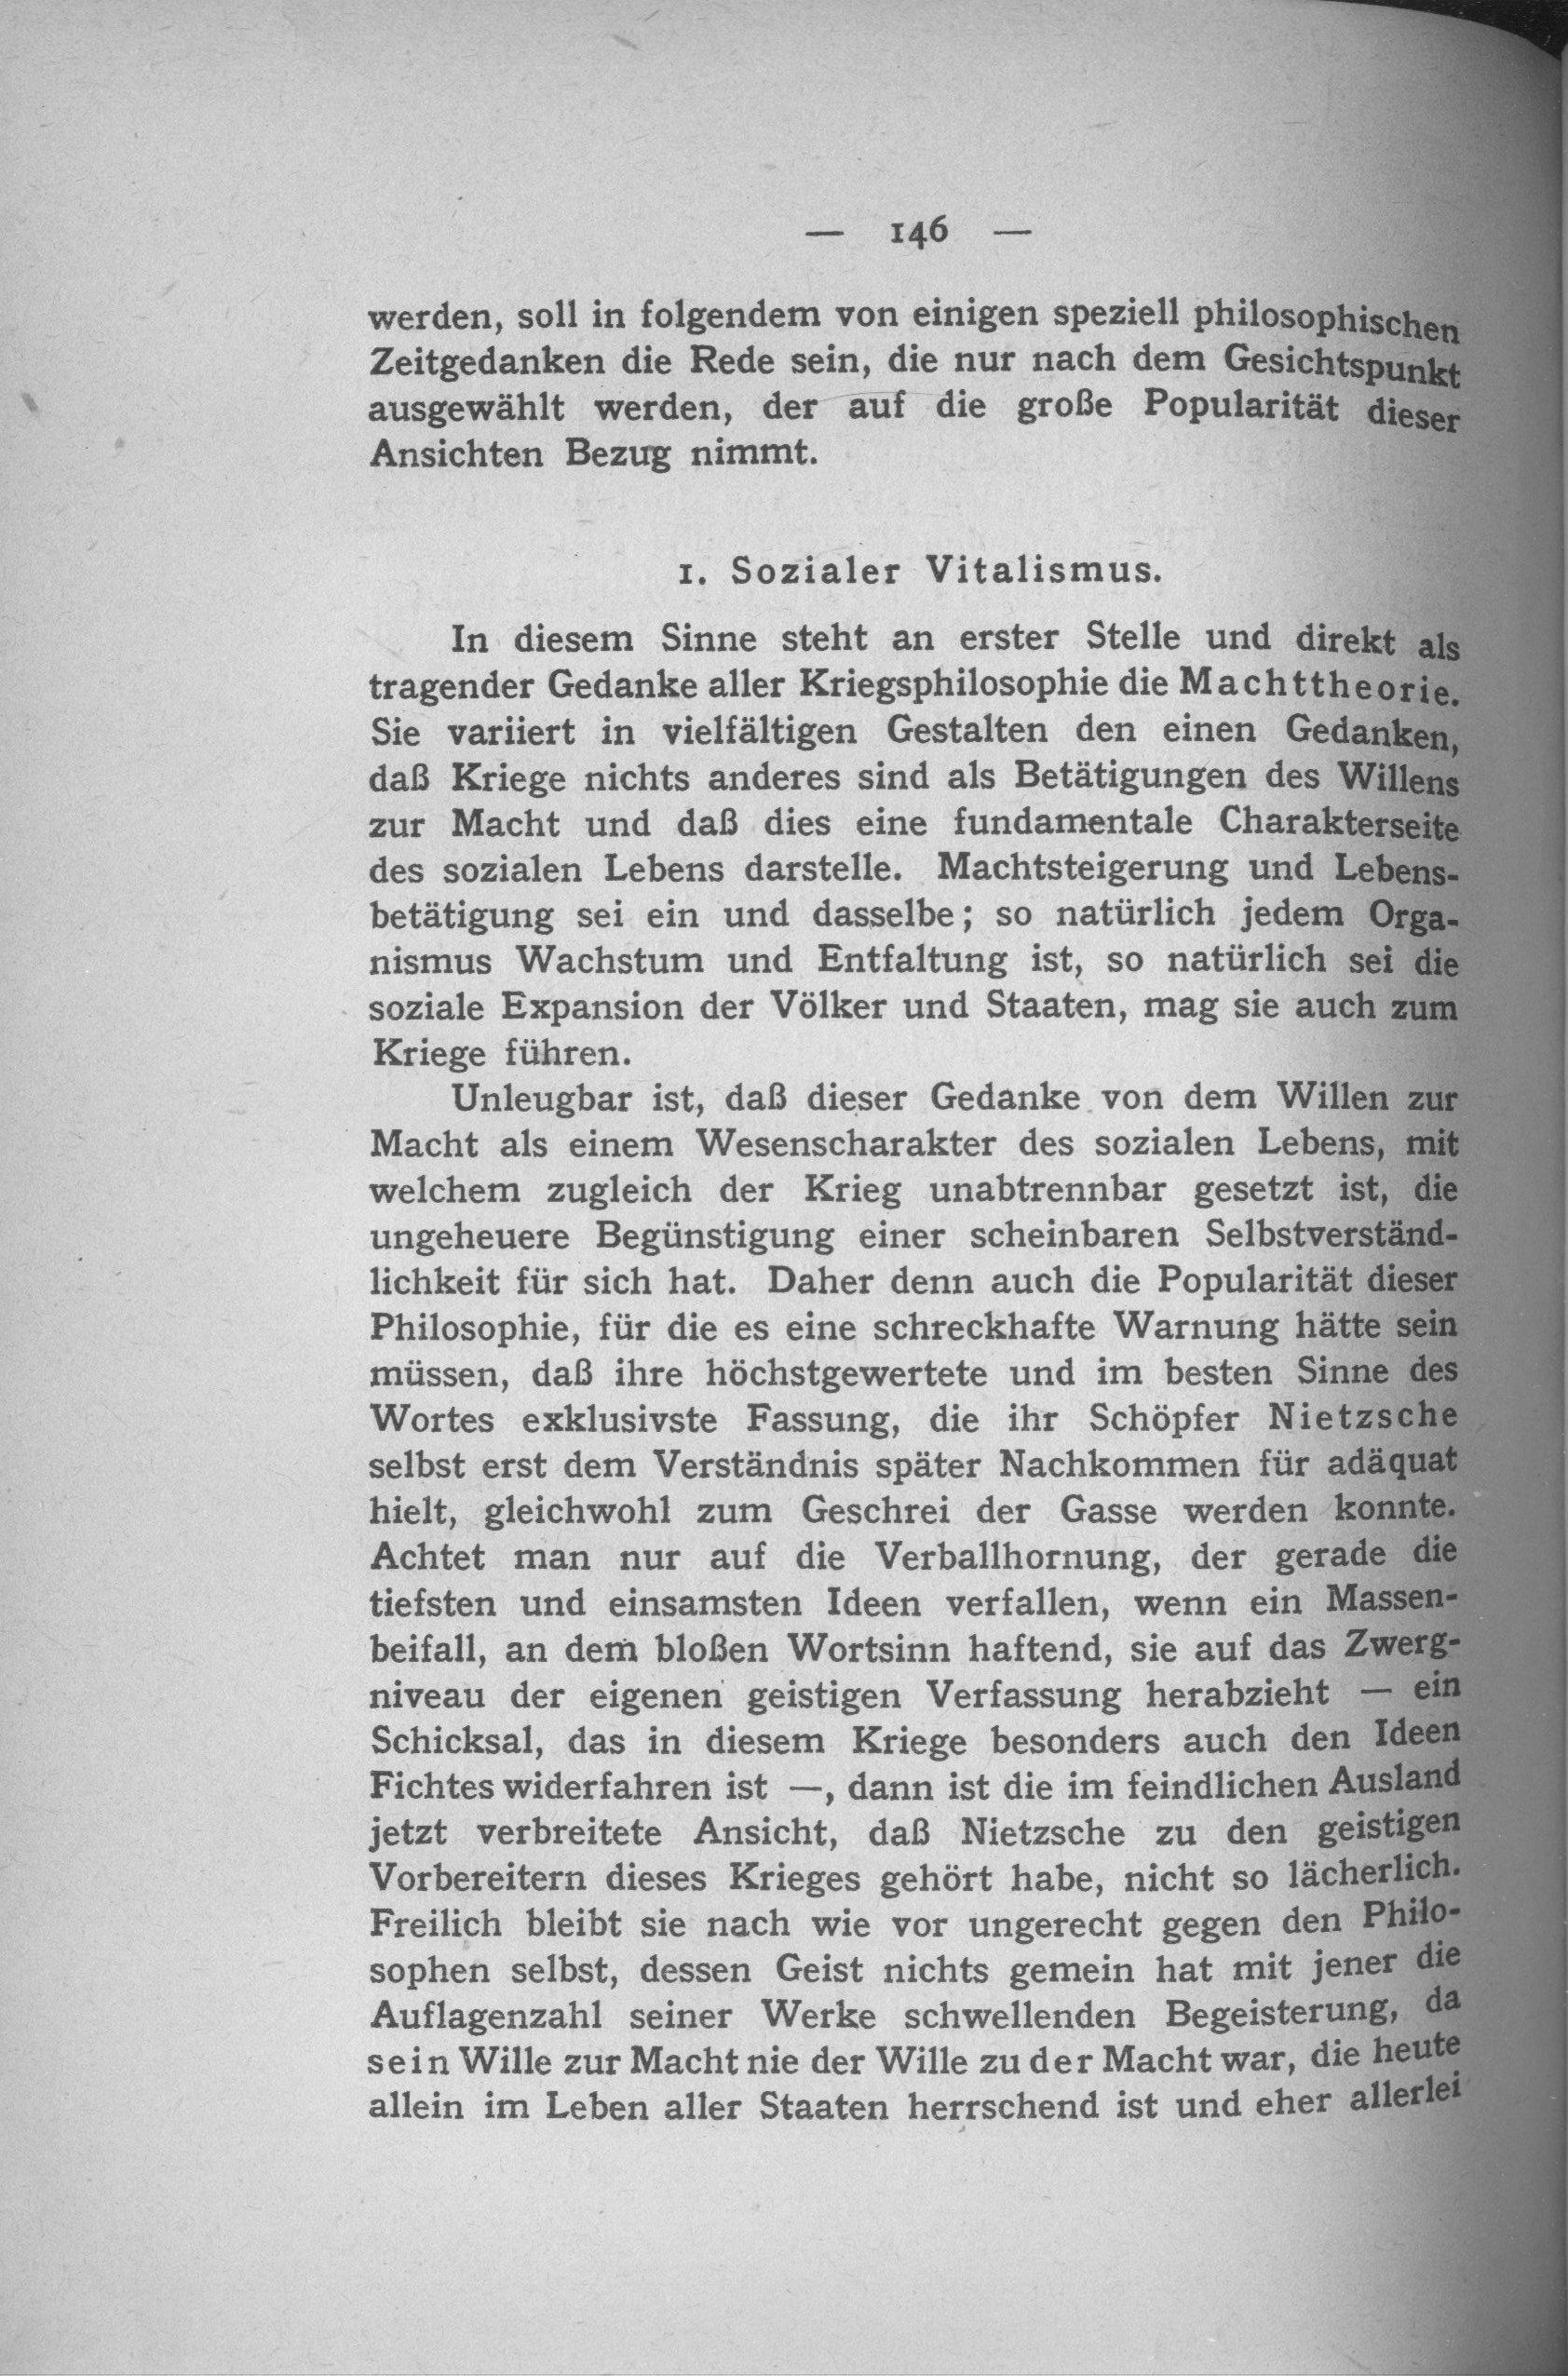 File:Max Adler - Klassenkampf gegen Völkerkampf 146.jpg - Wikimedia ...